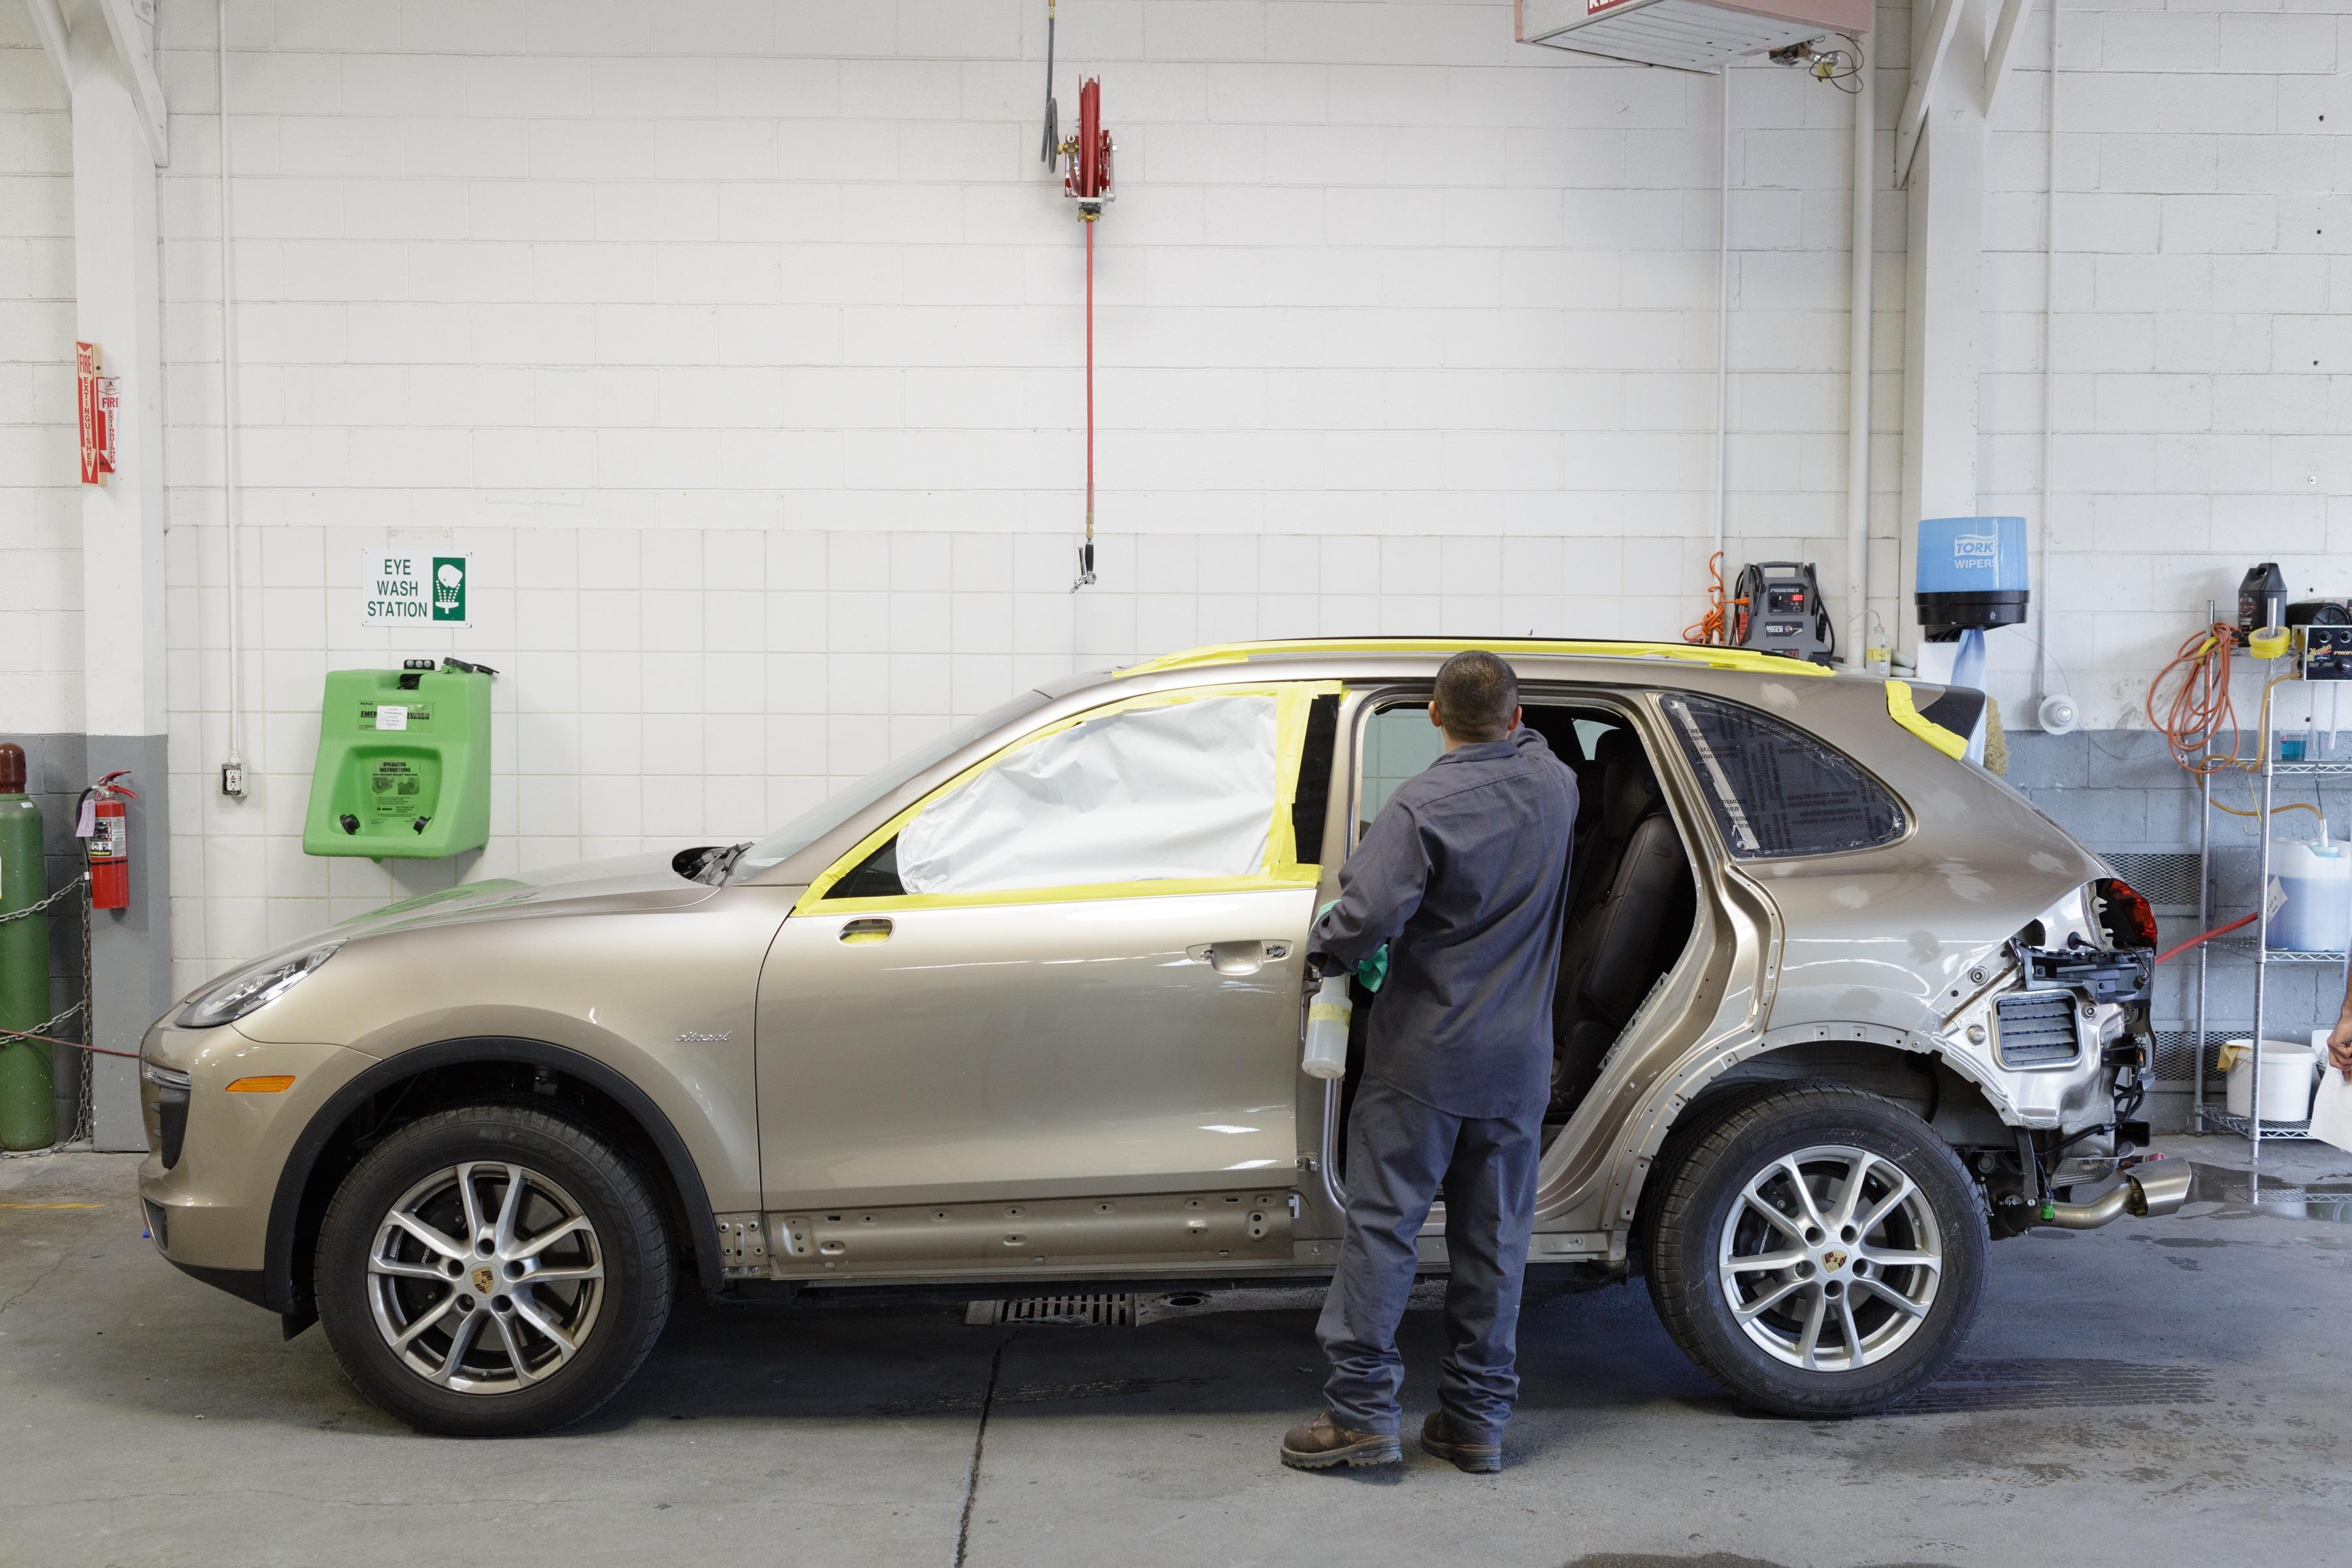 Body Shop And Collision Center In San Francisco Bay Area - Porsche collision repair